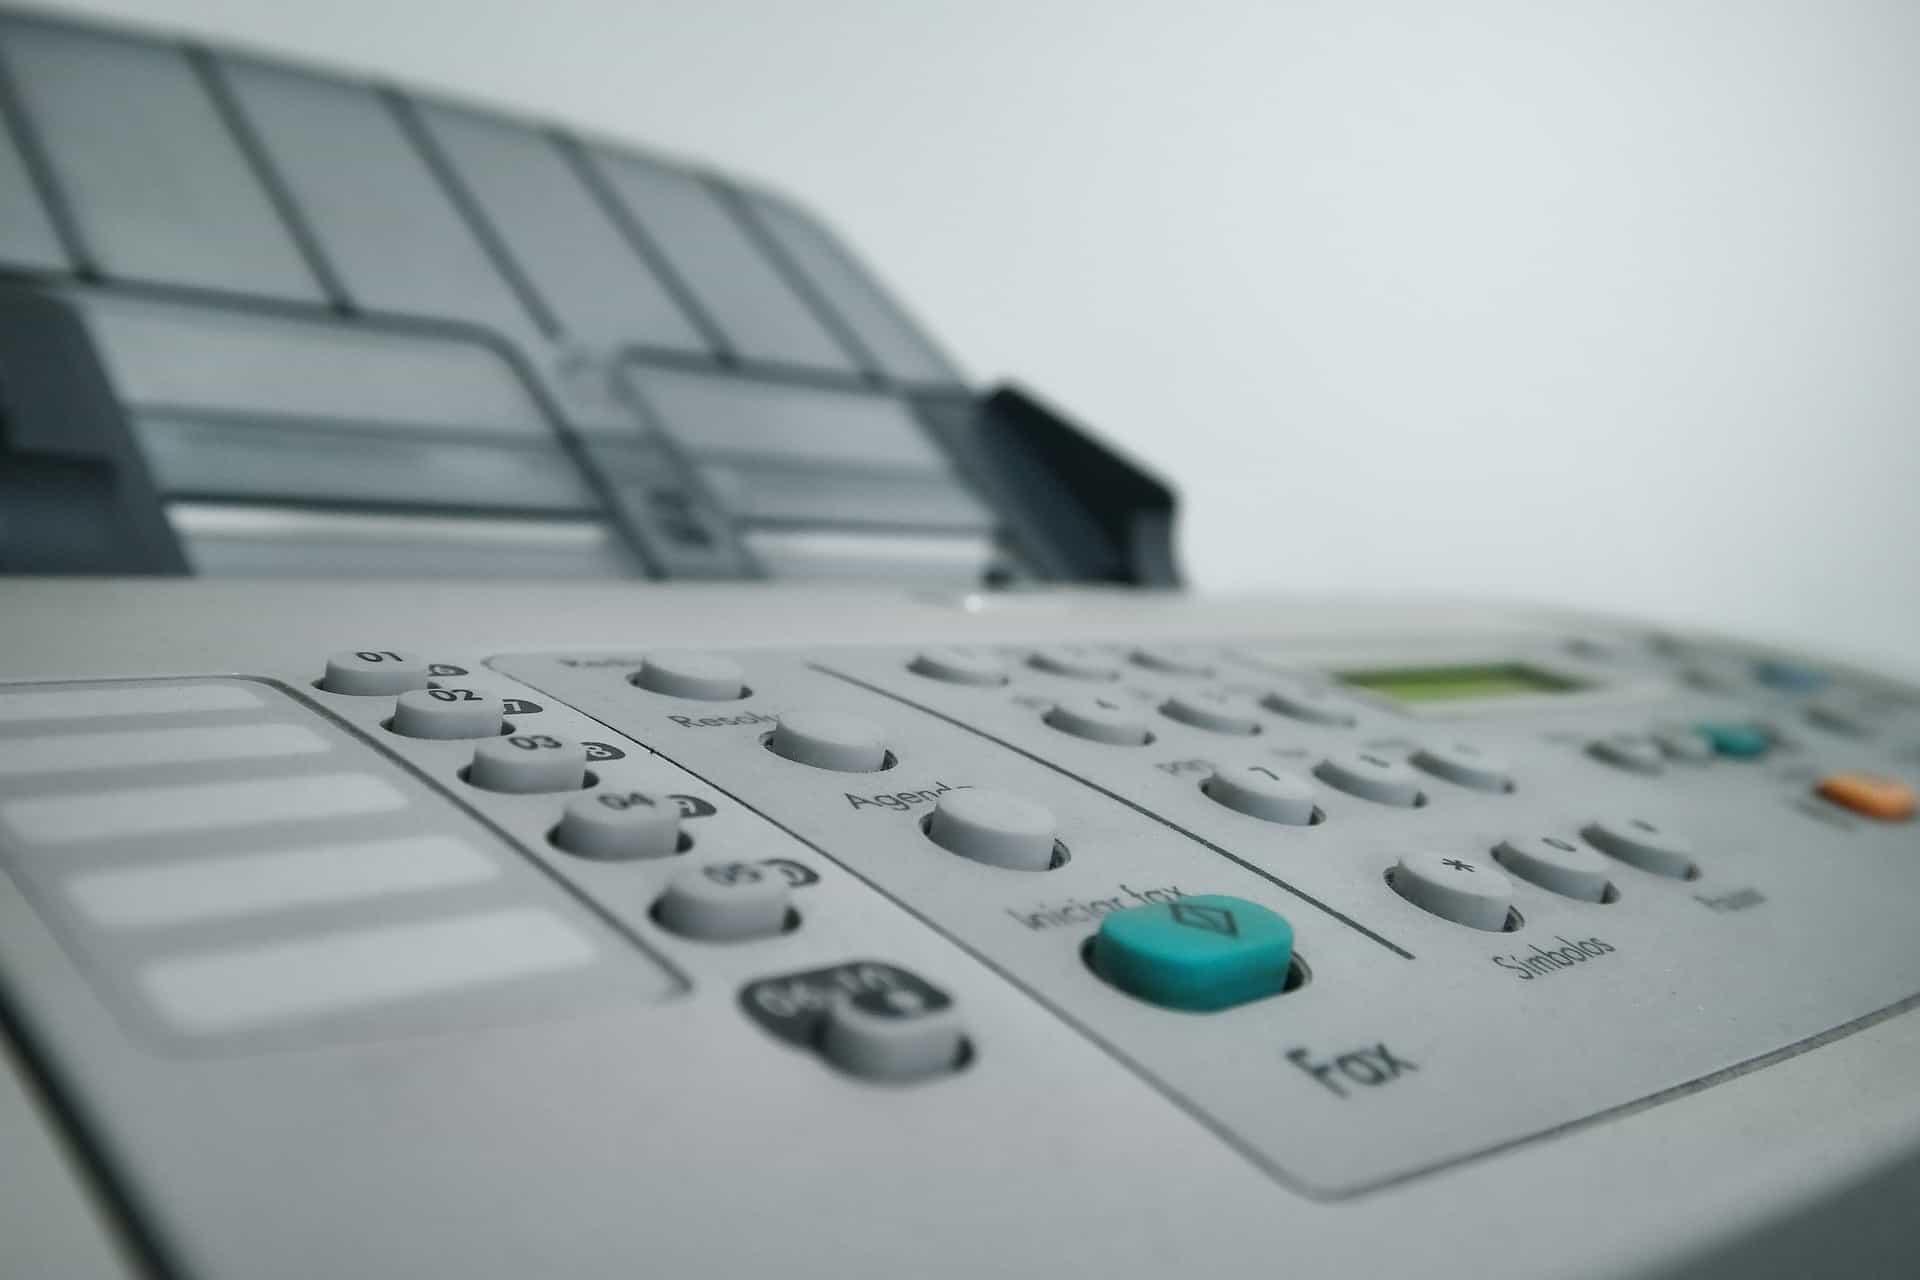 Faxgerät: Bild von Klaus Aires Alves auf Pixabay.